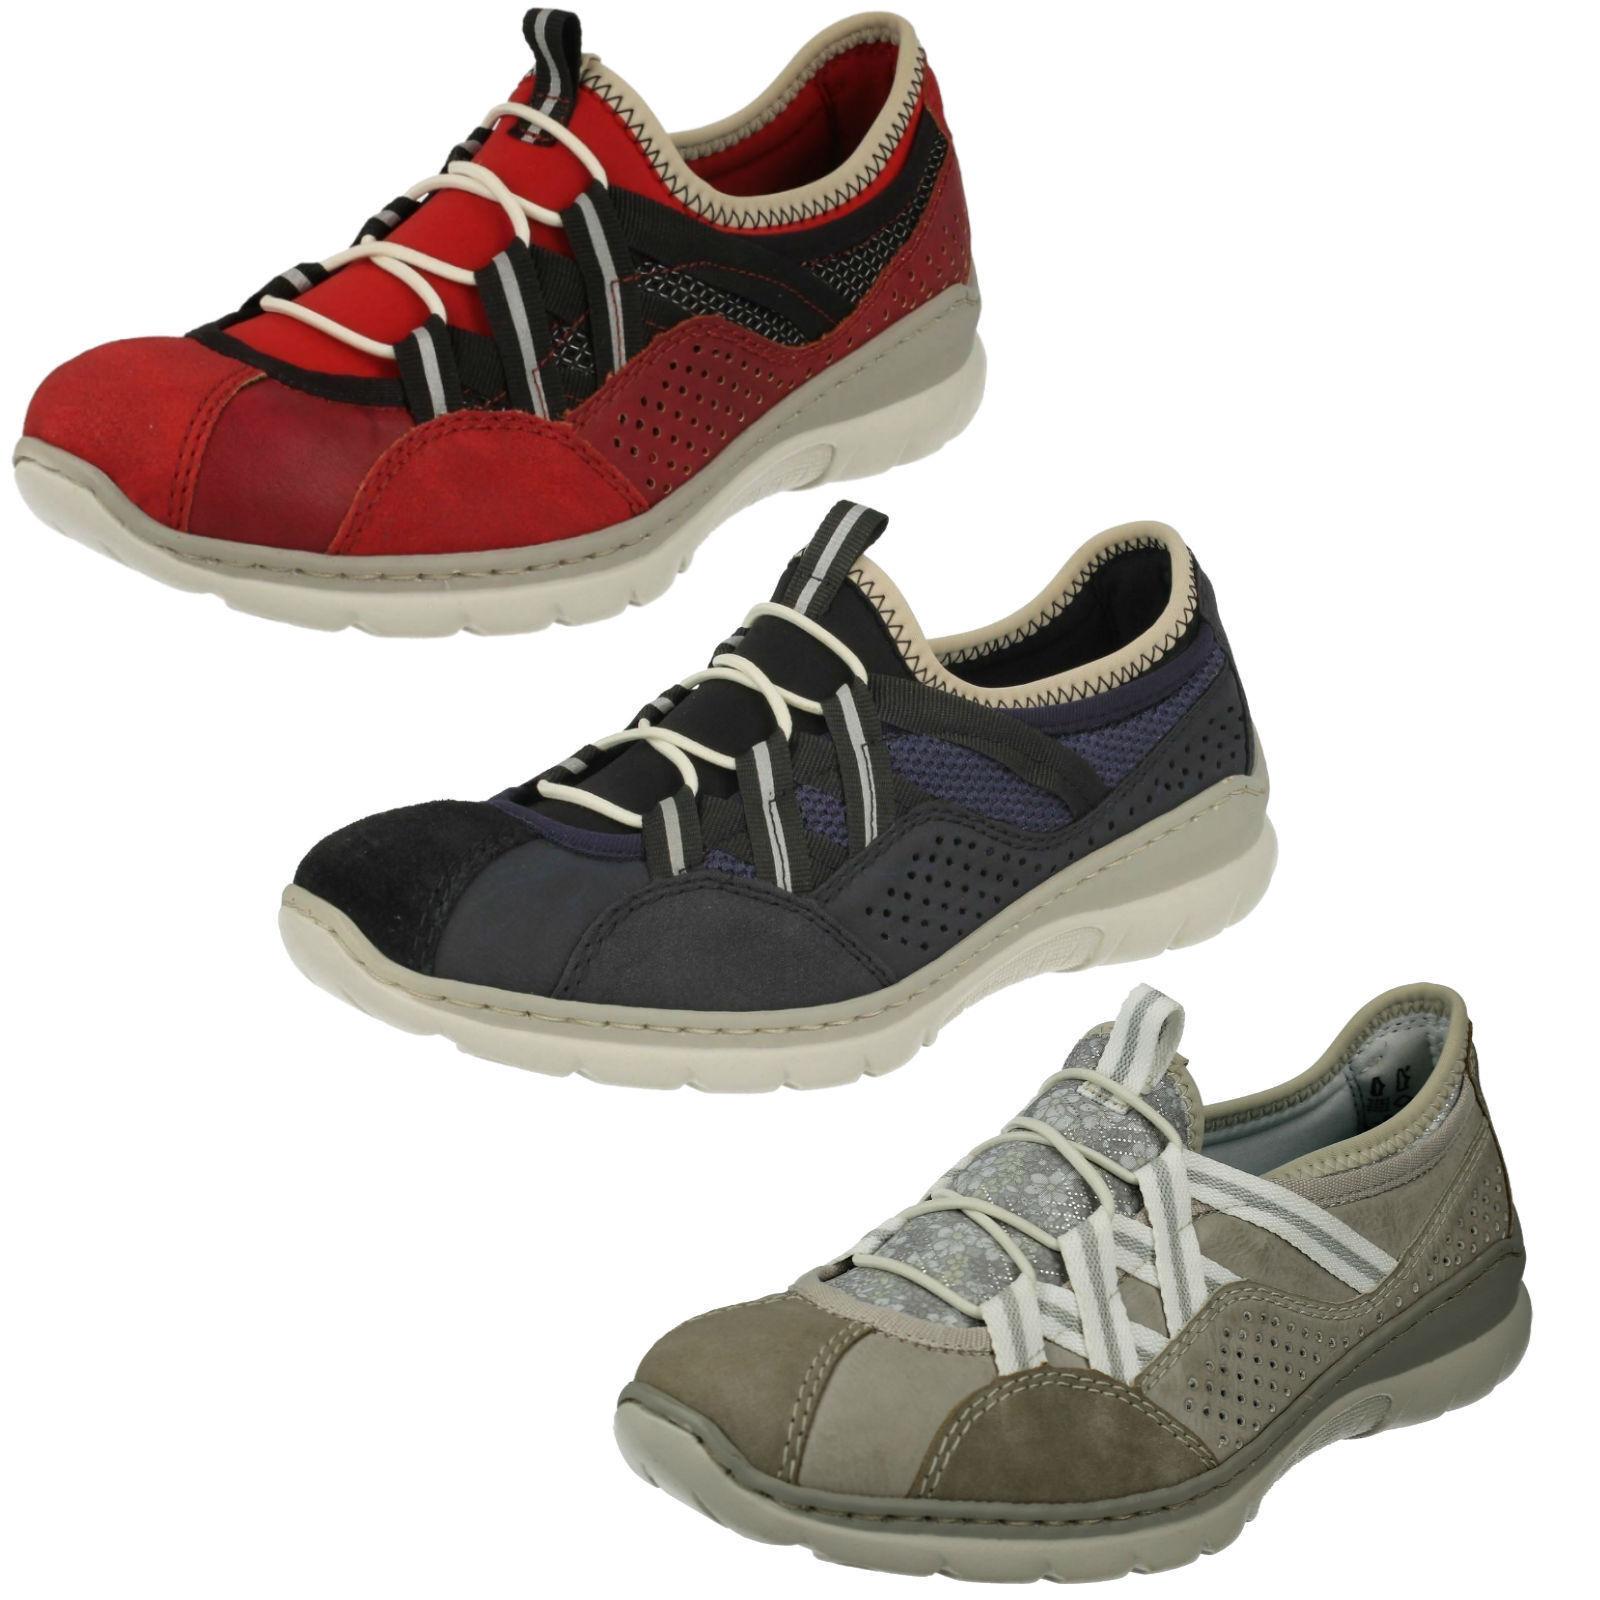 di moda Rieker Donna Scarpe Scarpe Scarpe Casual l3256  prezzo basso